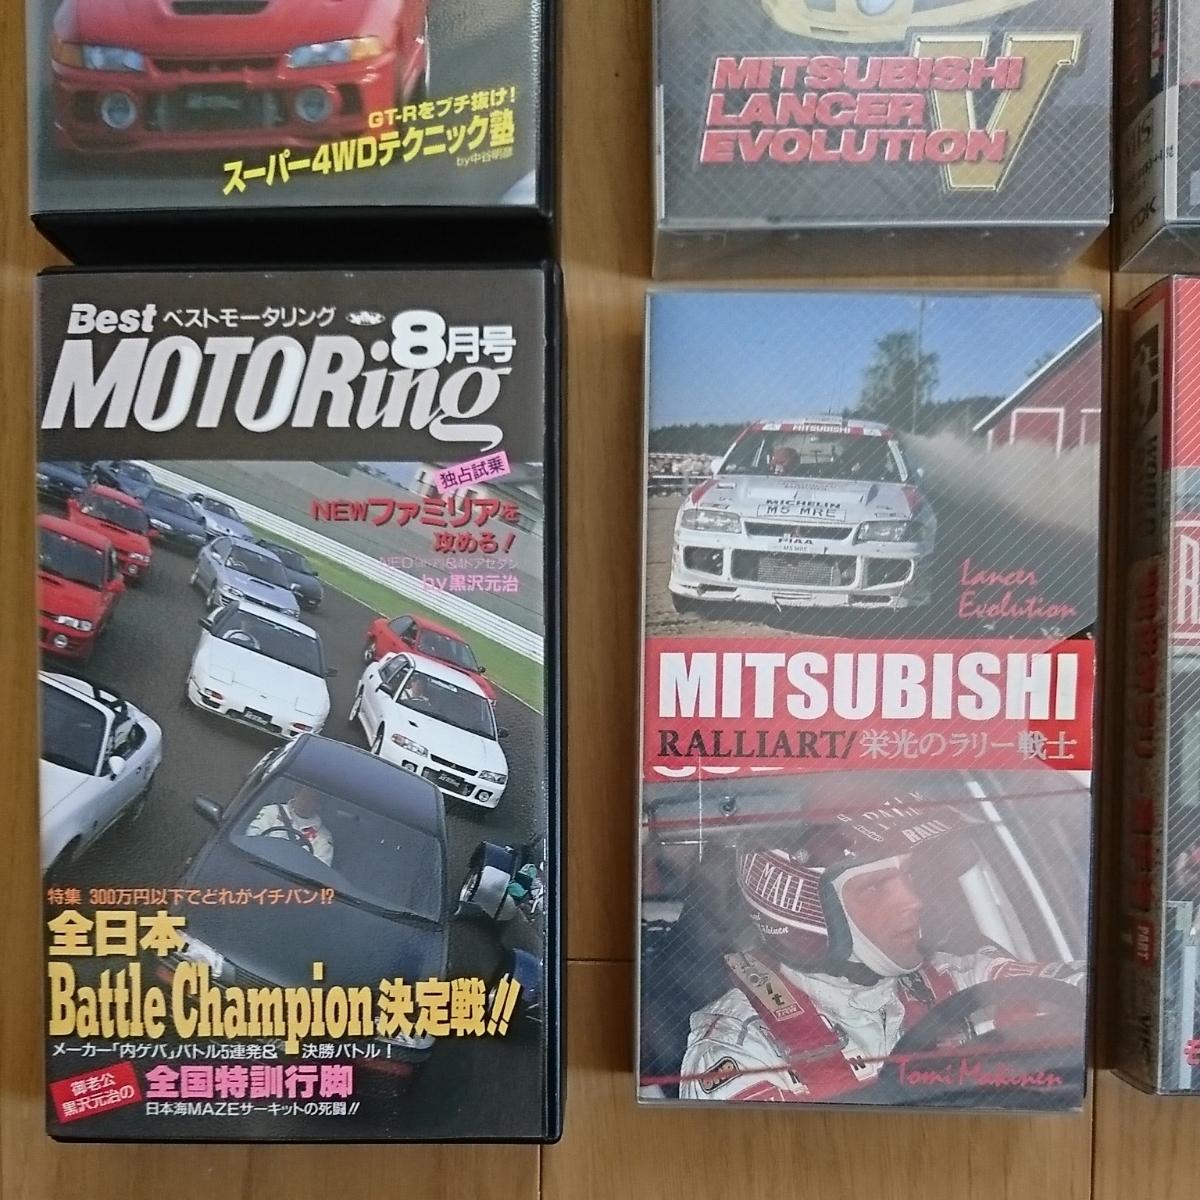 激レア!三菱 ランサーエボリューション・WRC・ラリー 関連のVHSビデオテープ8本セット_画像4